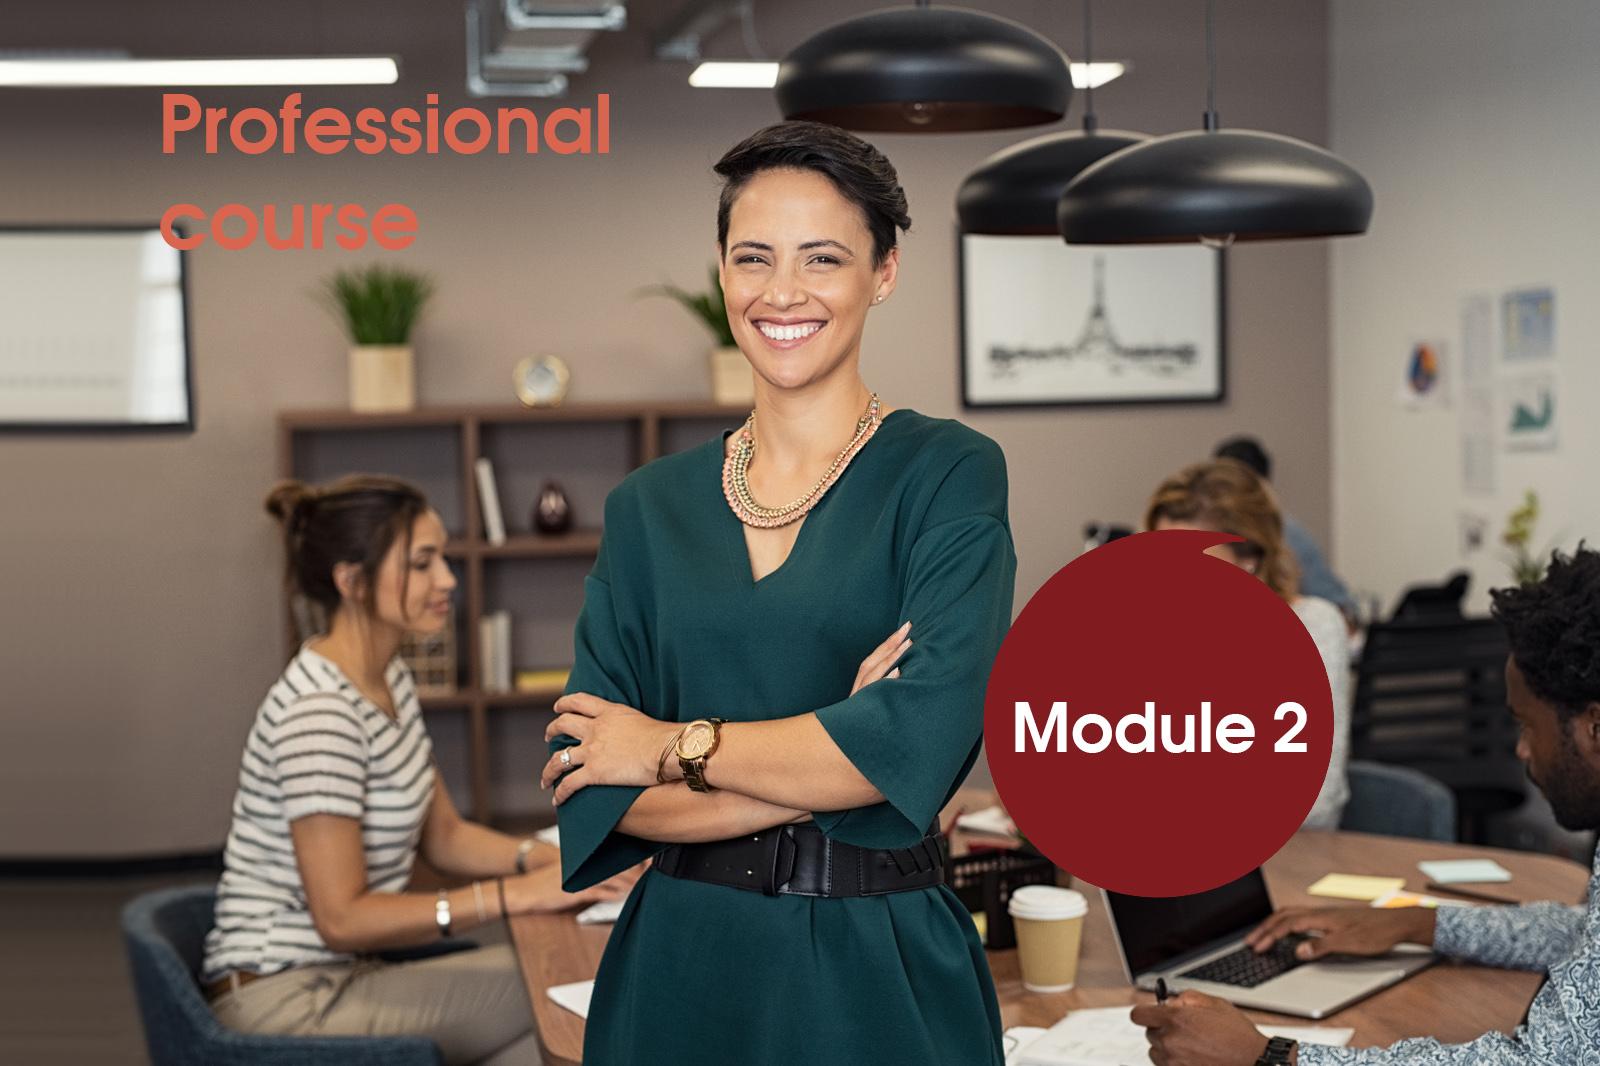 Фінансова англійська – Професійний курс Модуль 2